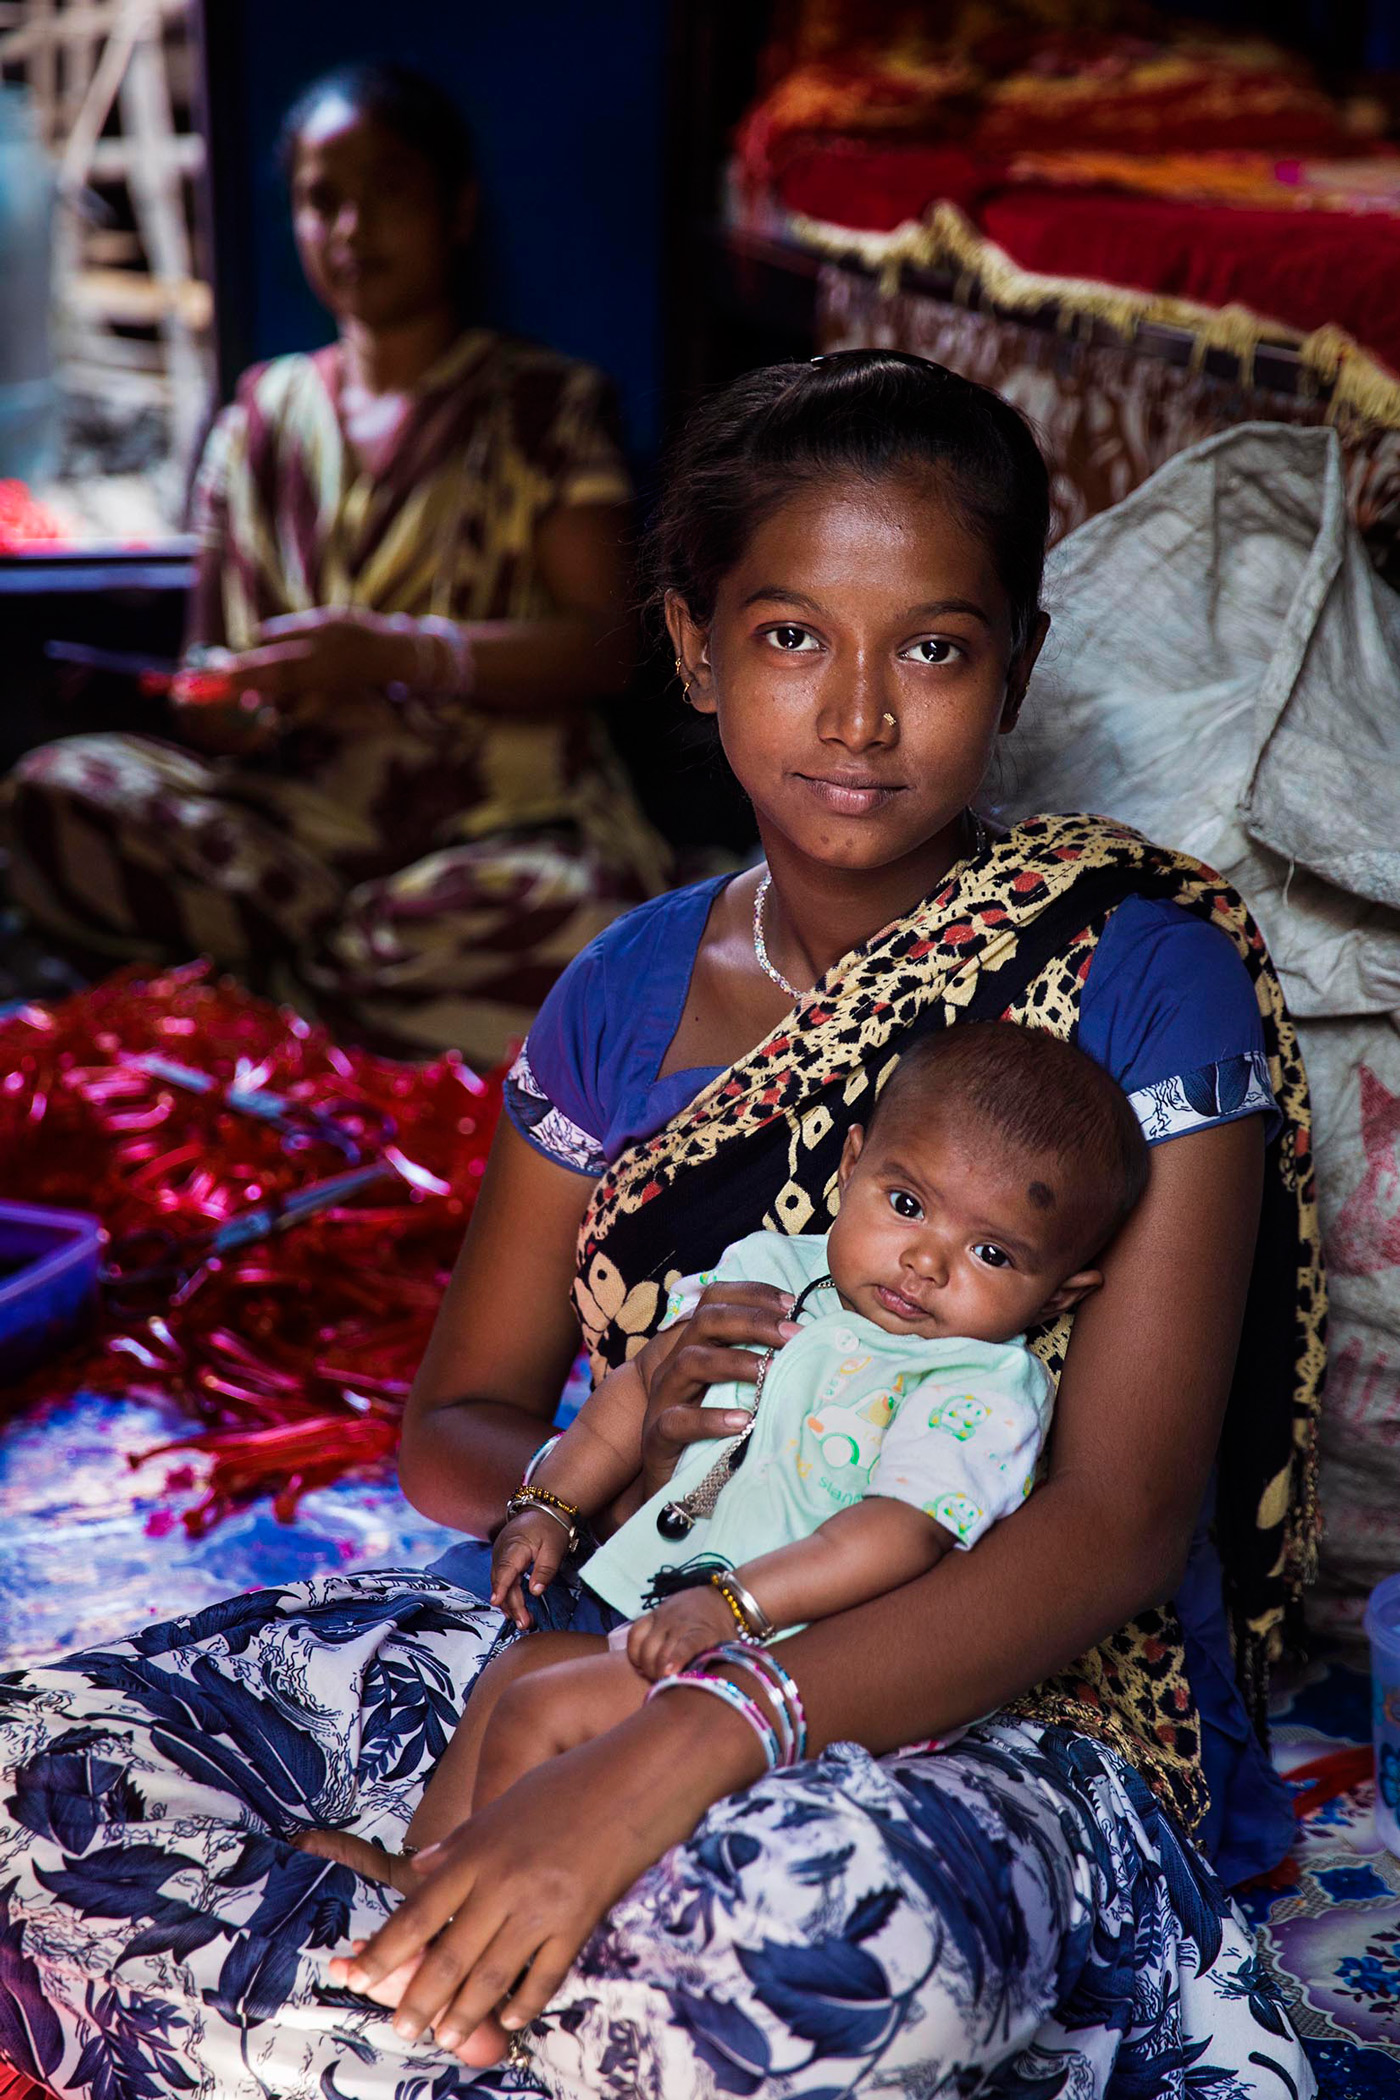 Mutter mit Kind in Indien